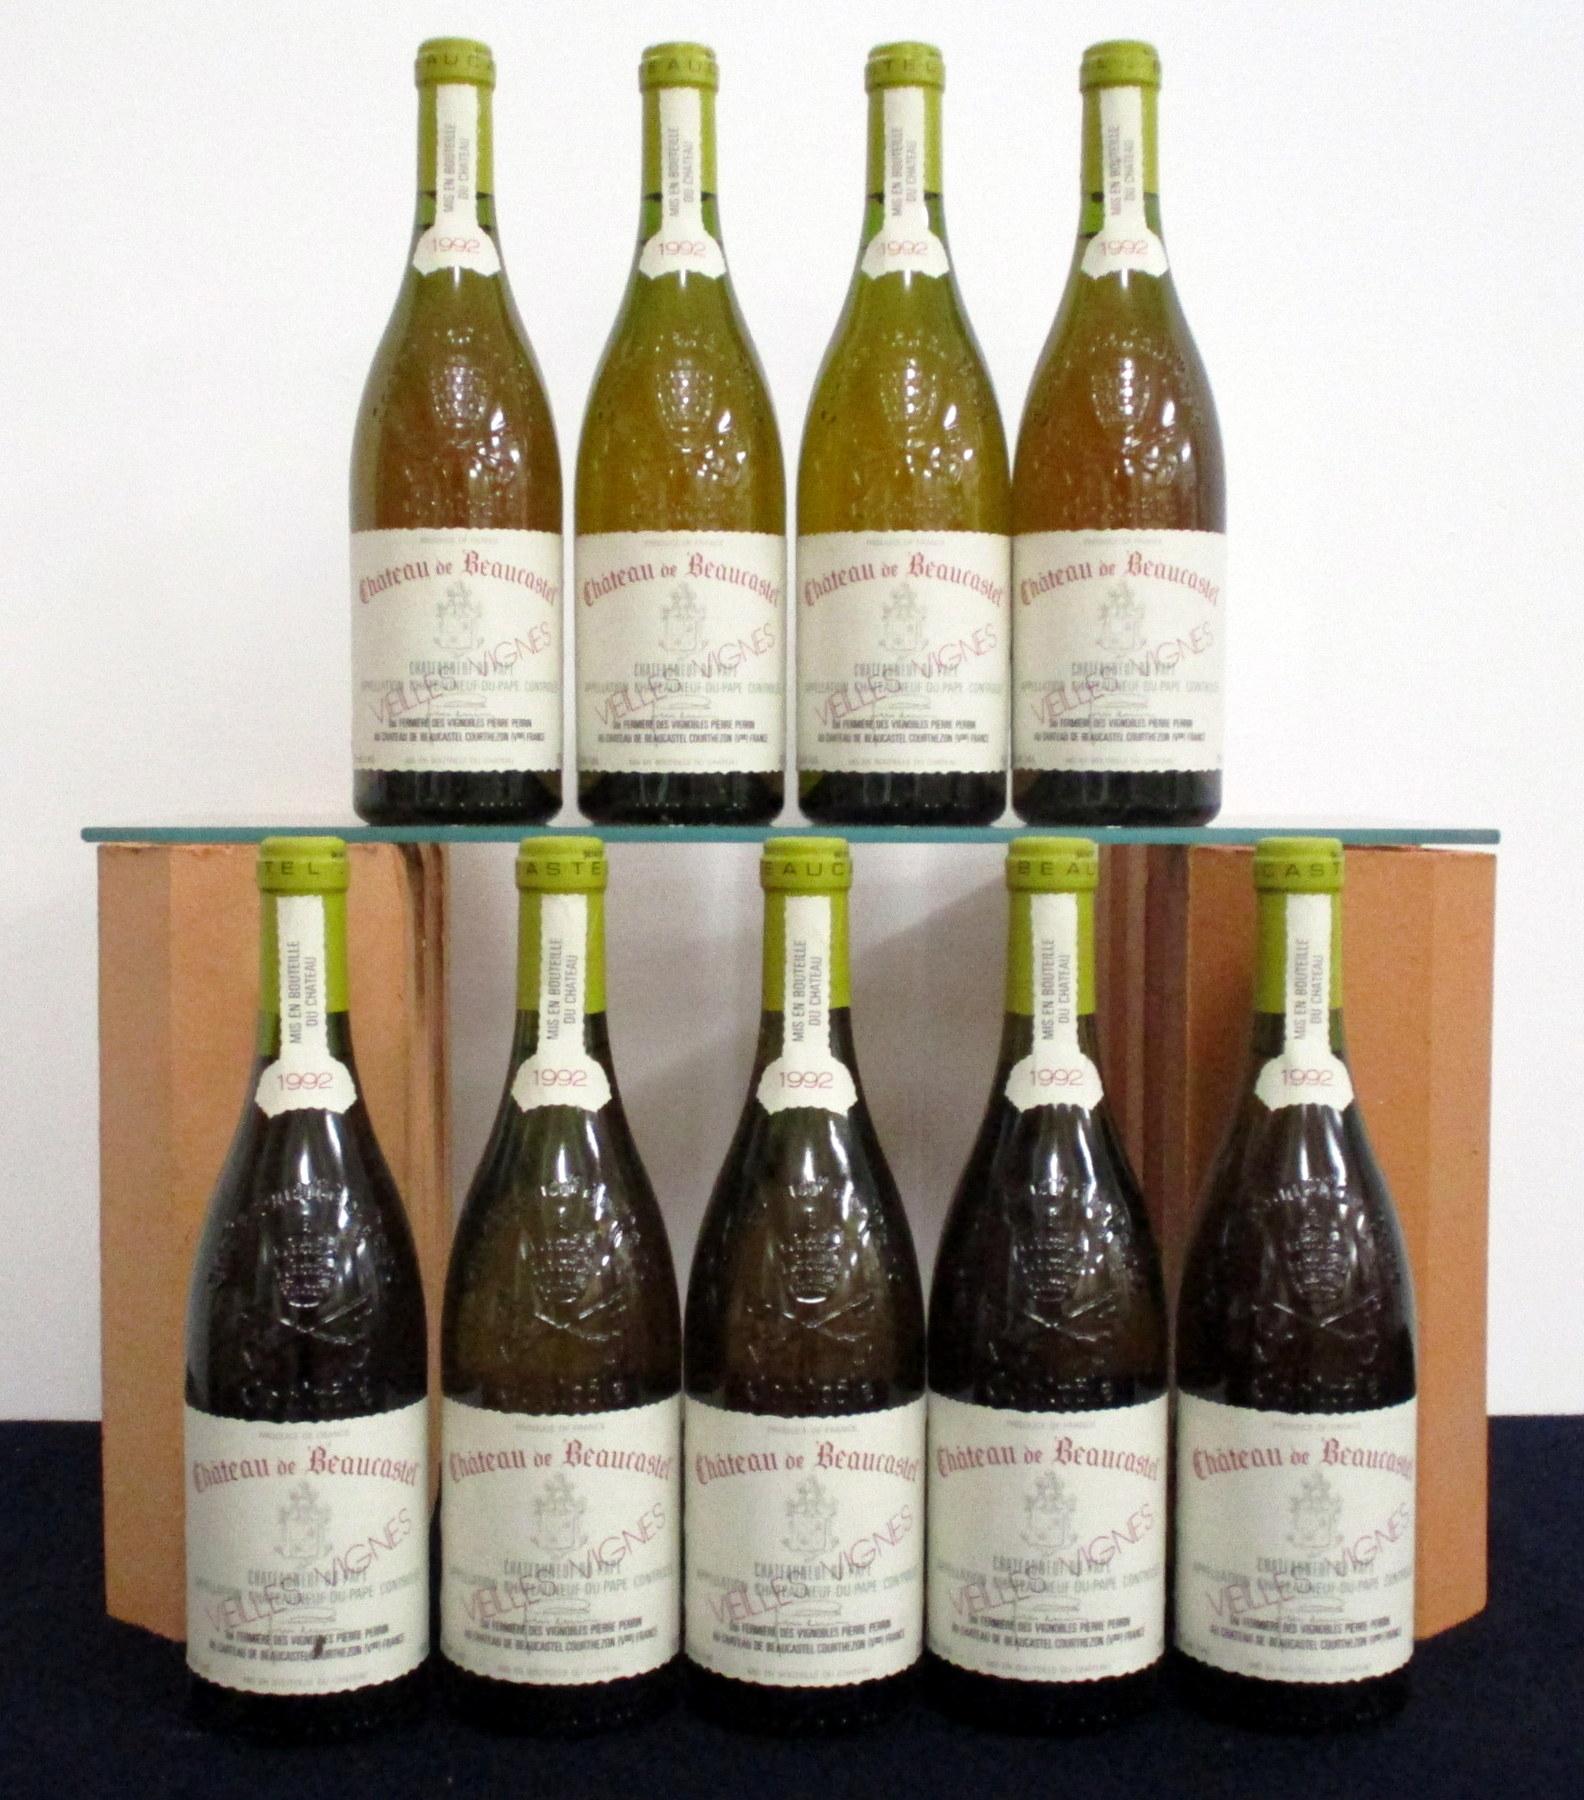 9 bts Châteauneuf du Pape (Blanc) V.V. Ch. de Beaucastel 1992 owc Pierre Perrin 2 vts, 7 ts